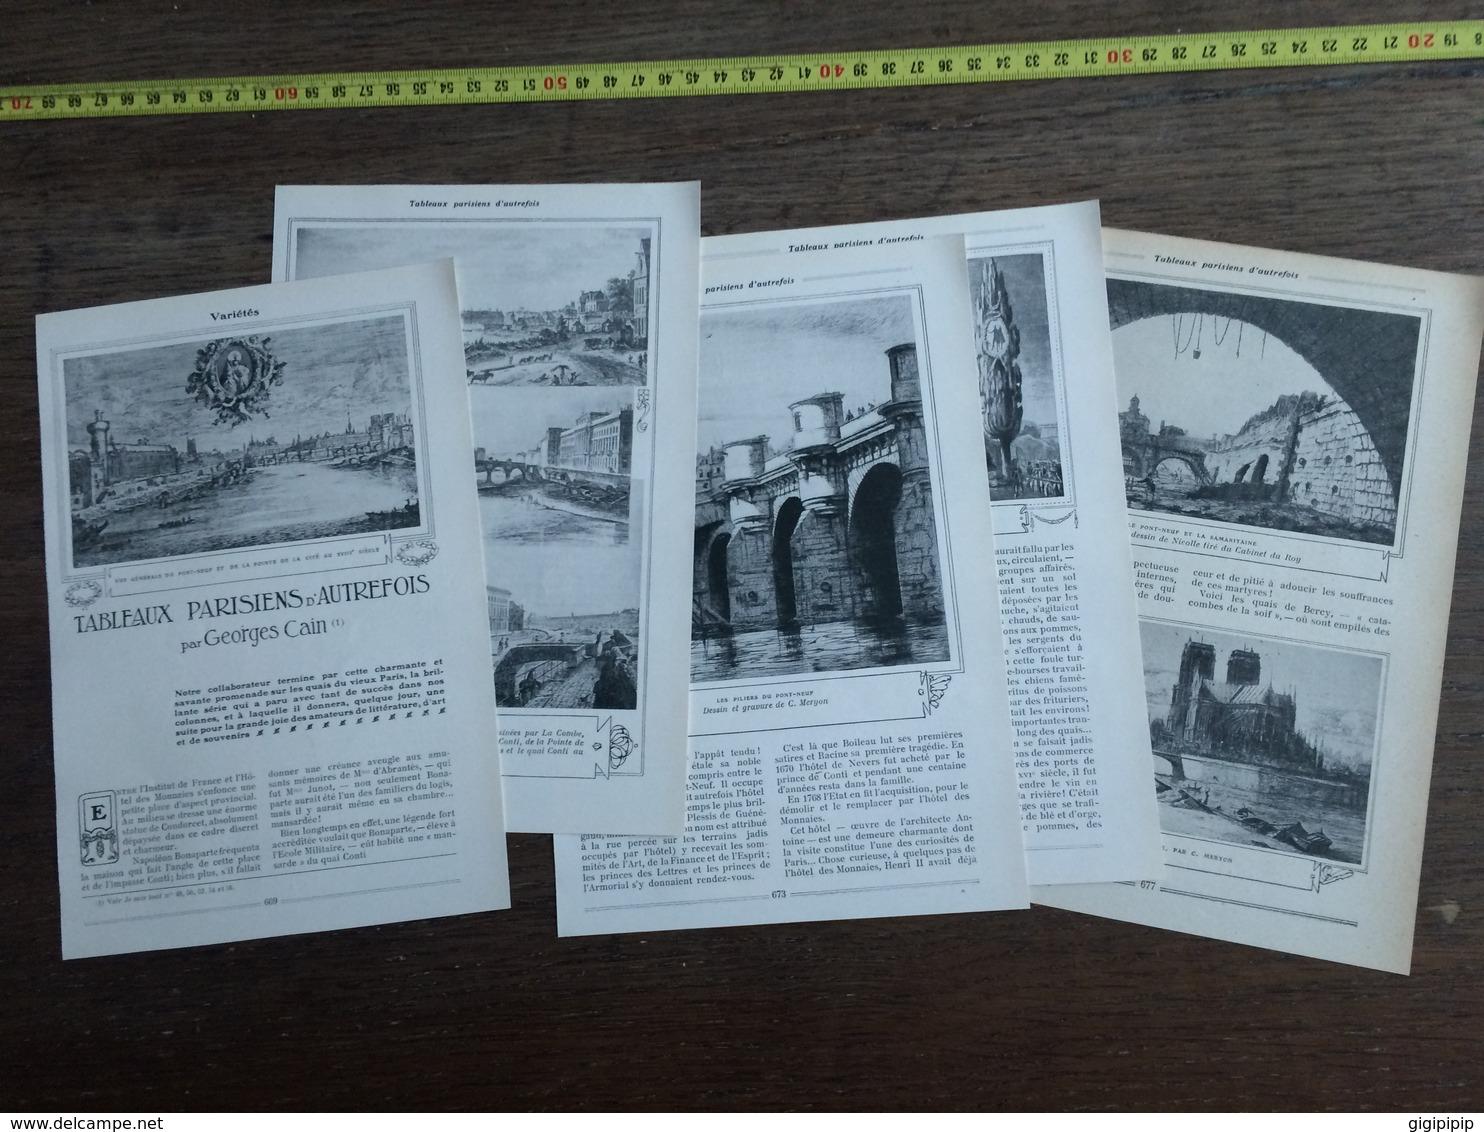 1909 JST TABLEAUX PARISIENS D AUTREFOIS QUAIS DU VIEUX PARIS - Sammlungen